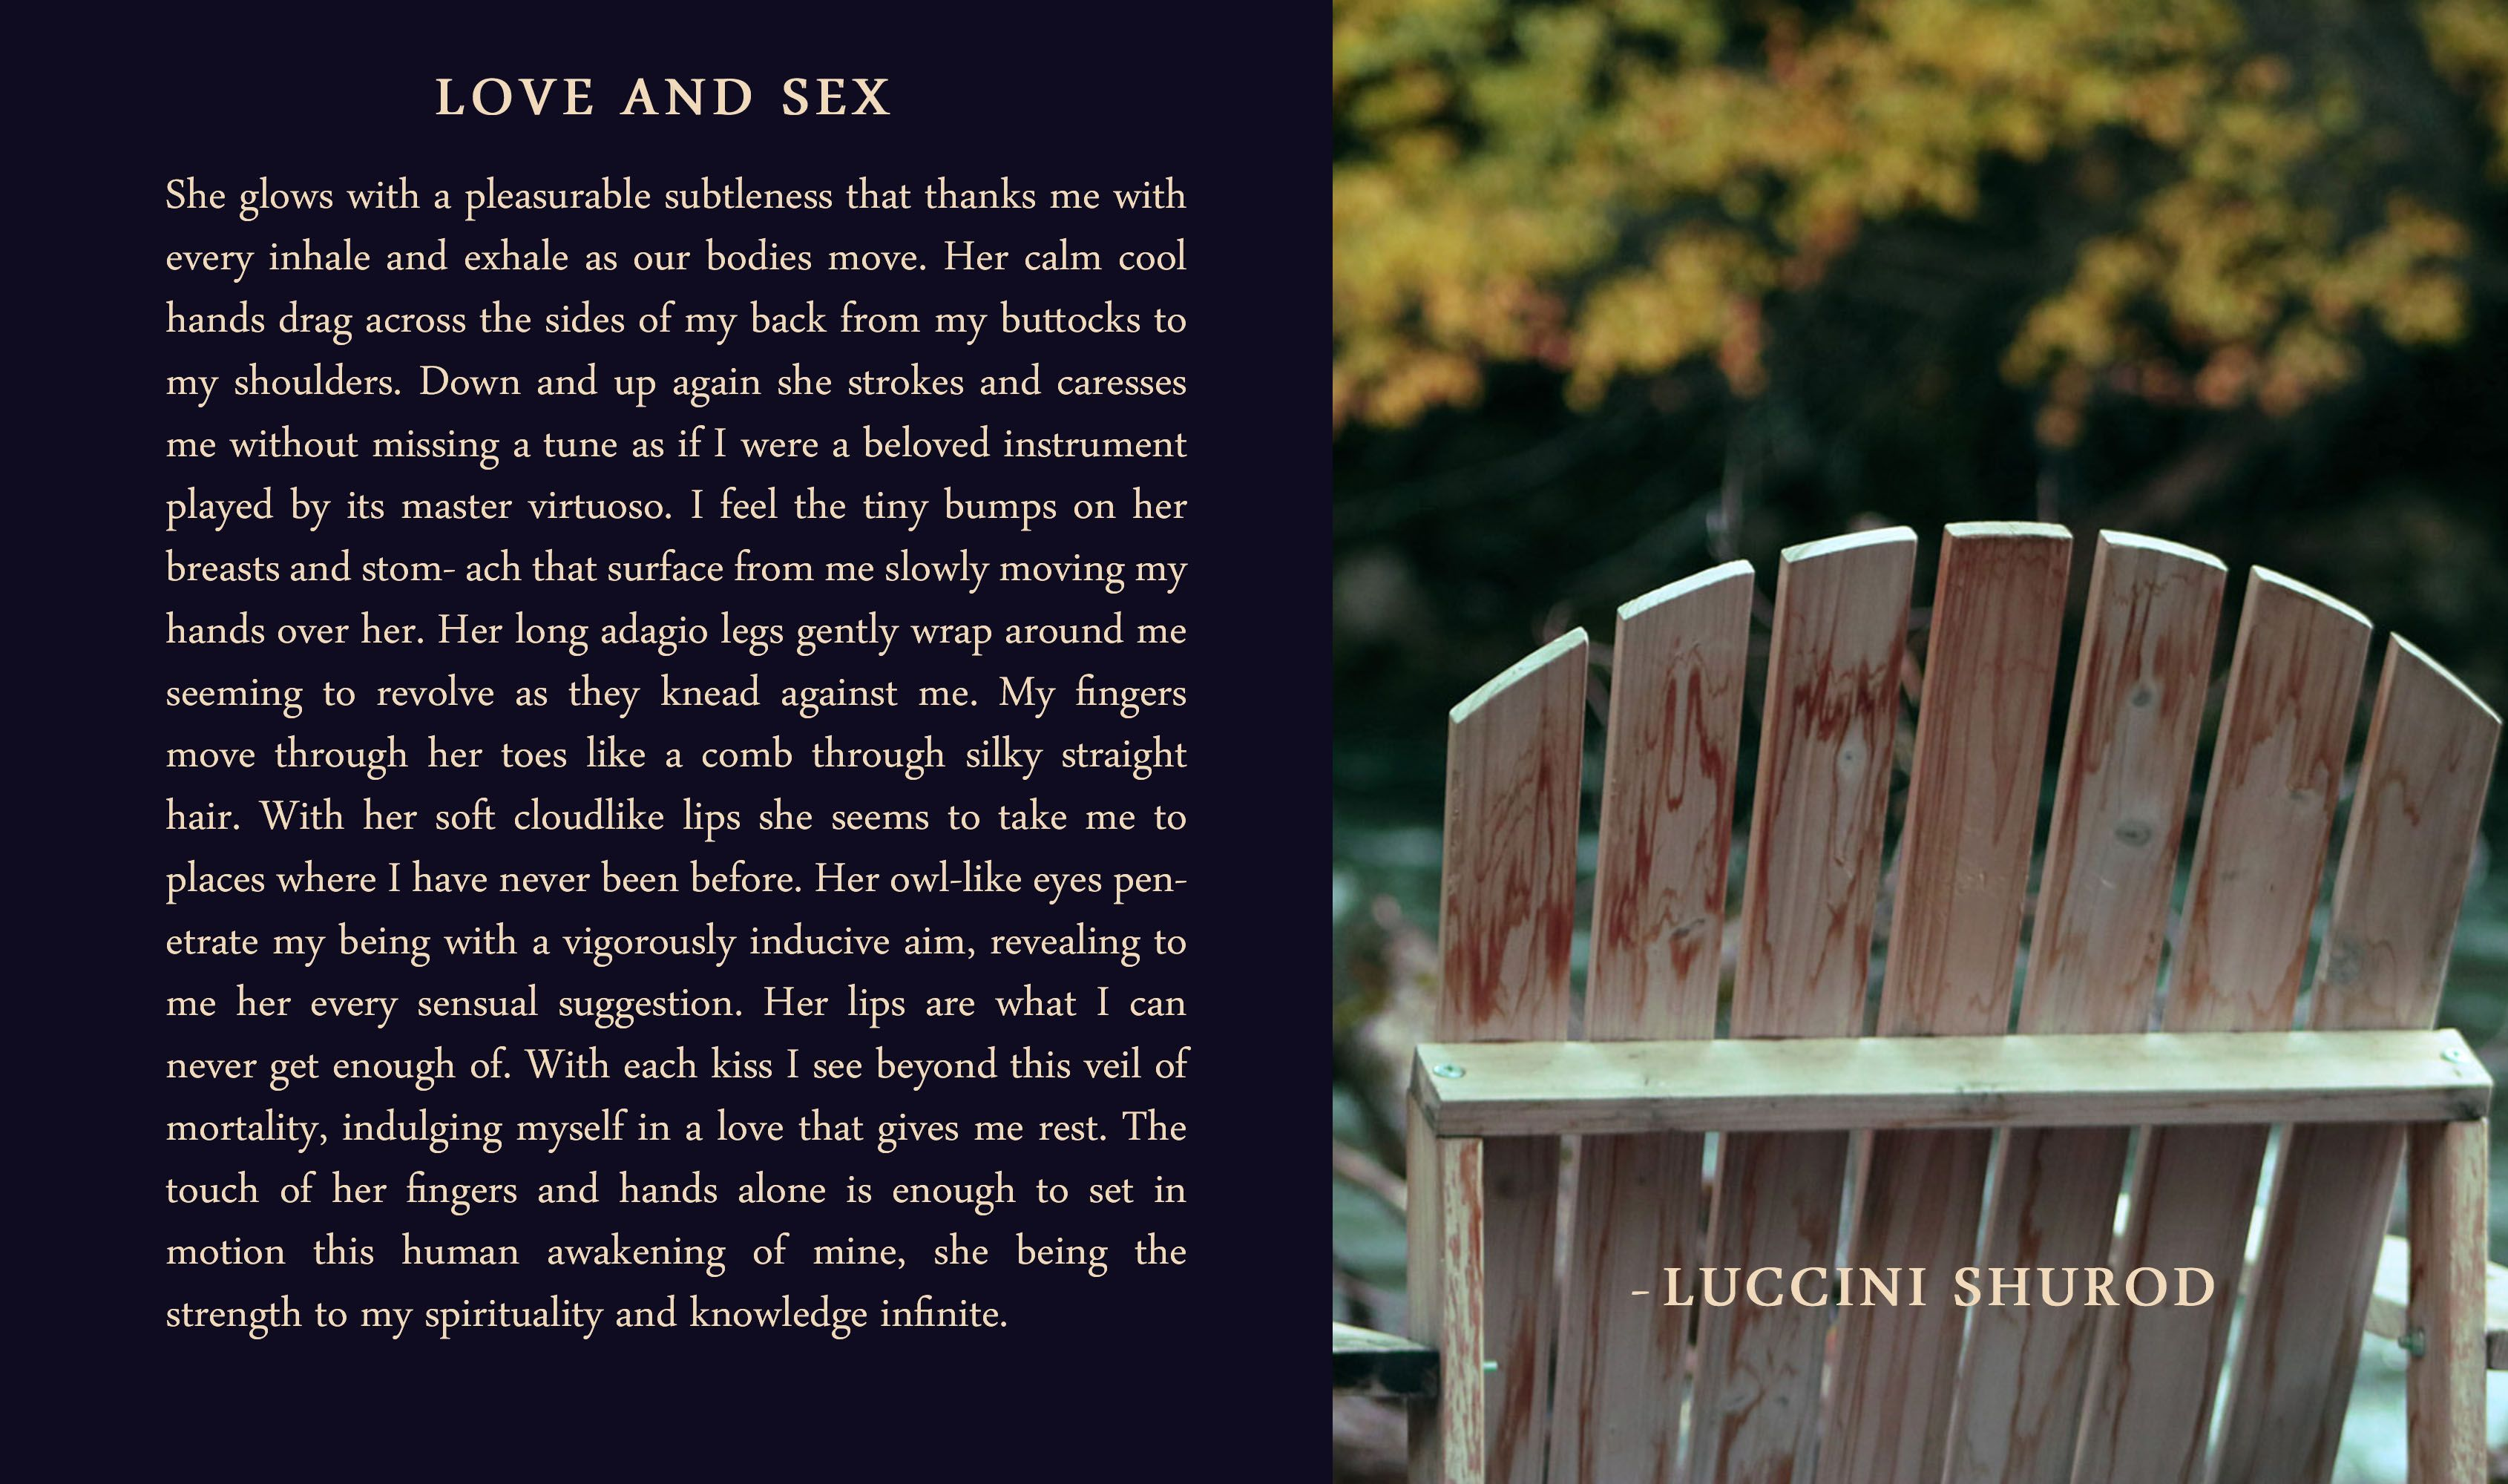 How to describe sex poetically